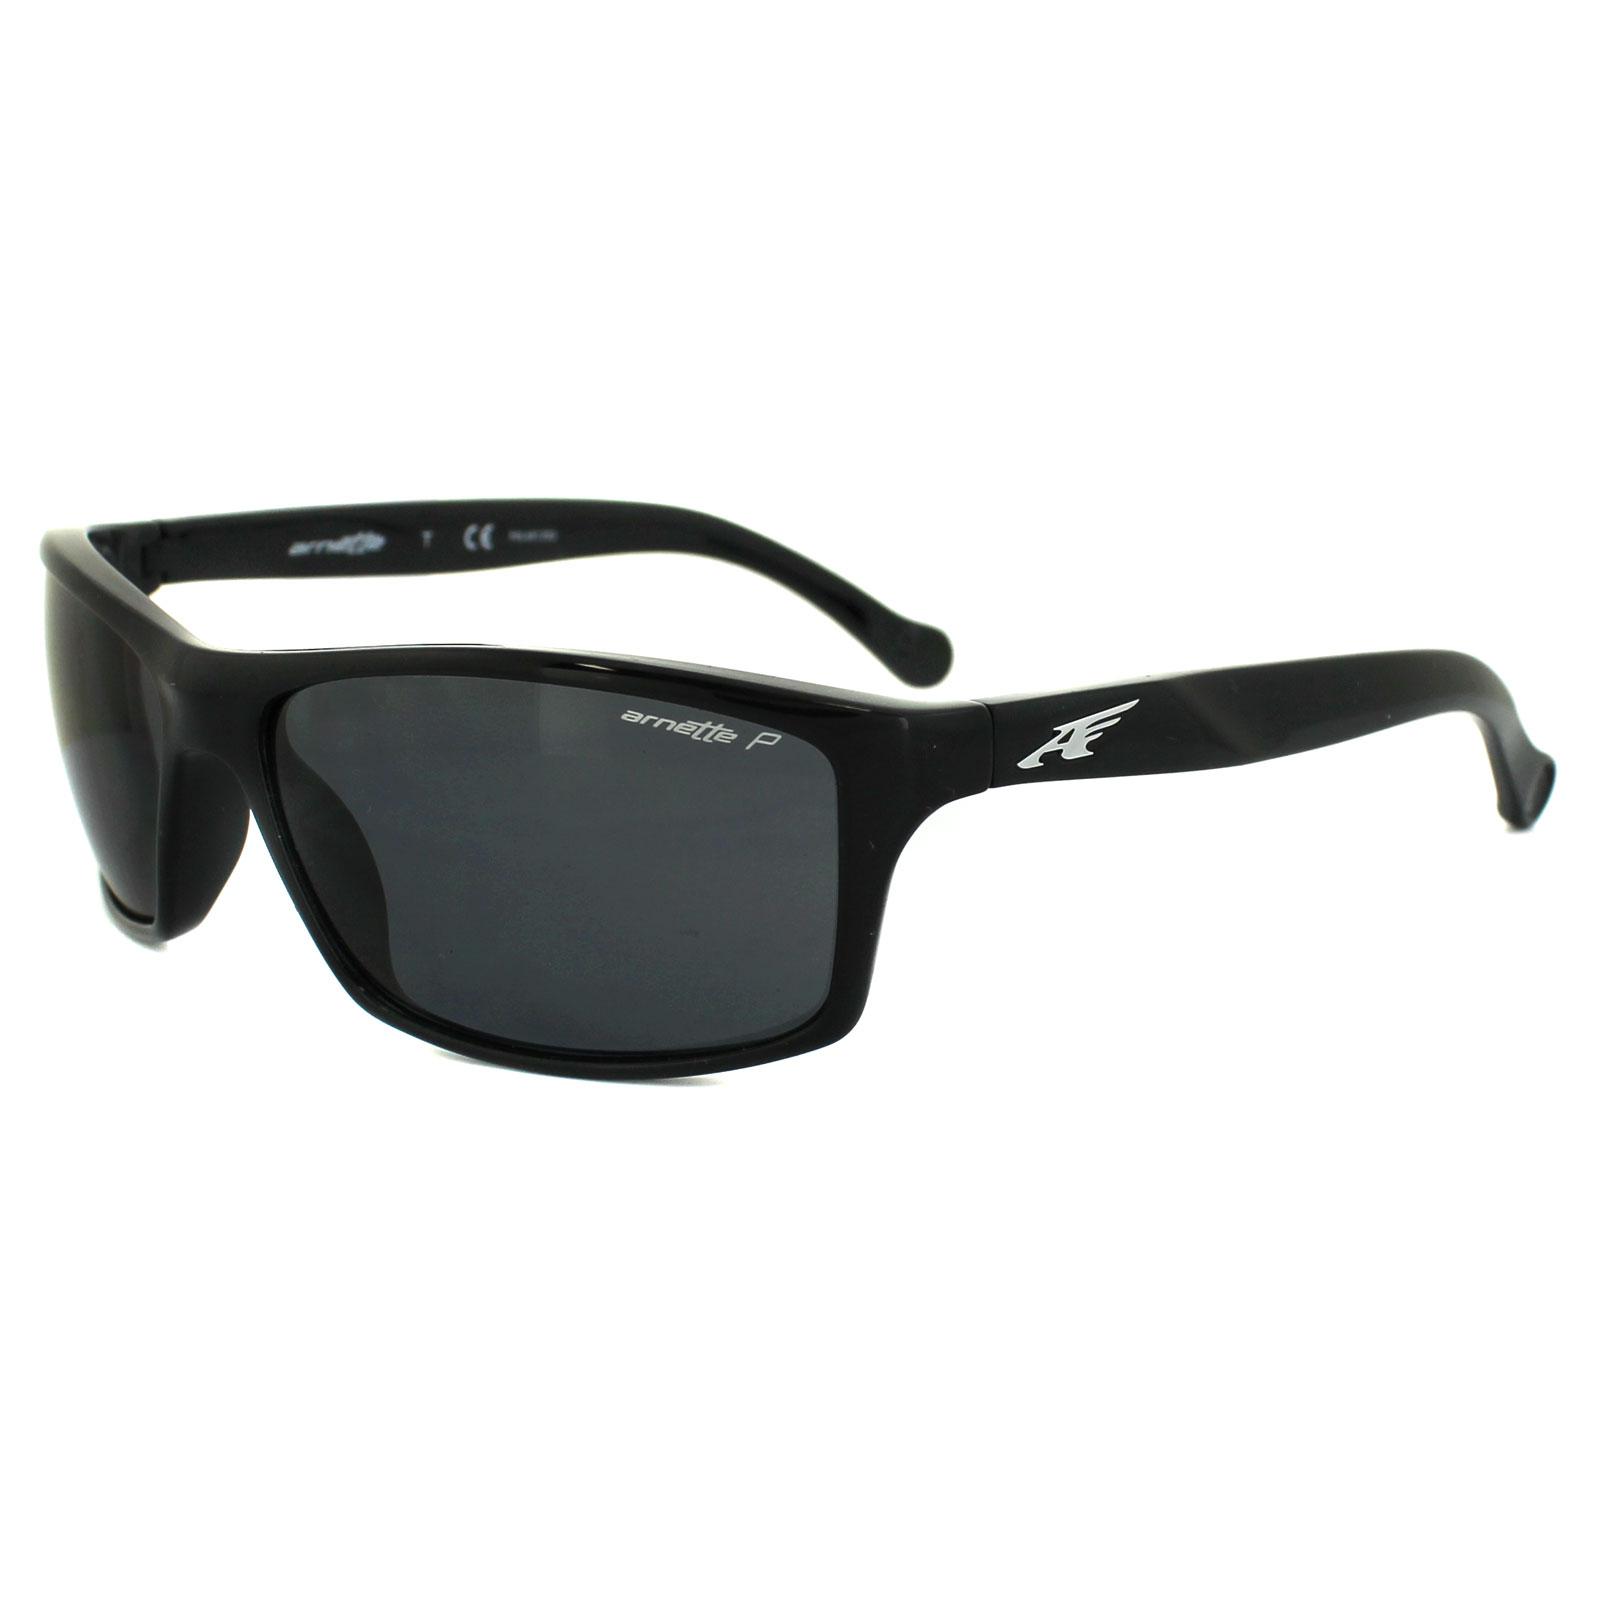 Arnette Herren Sonnenbrille »BOILER AN4207«, schwarz, 41/81 - schwarz/grau